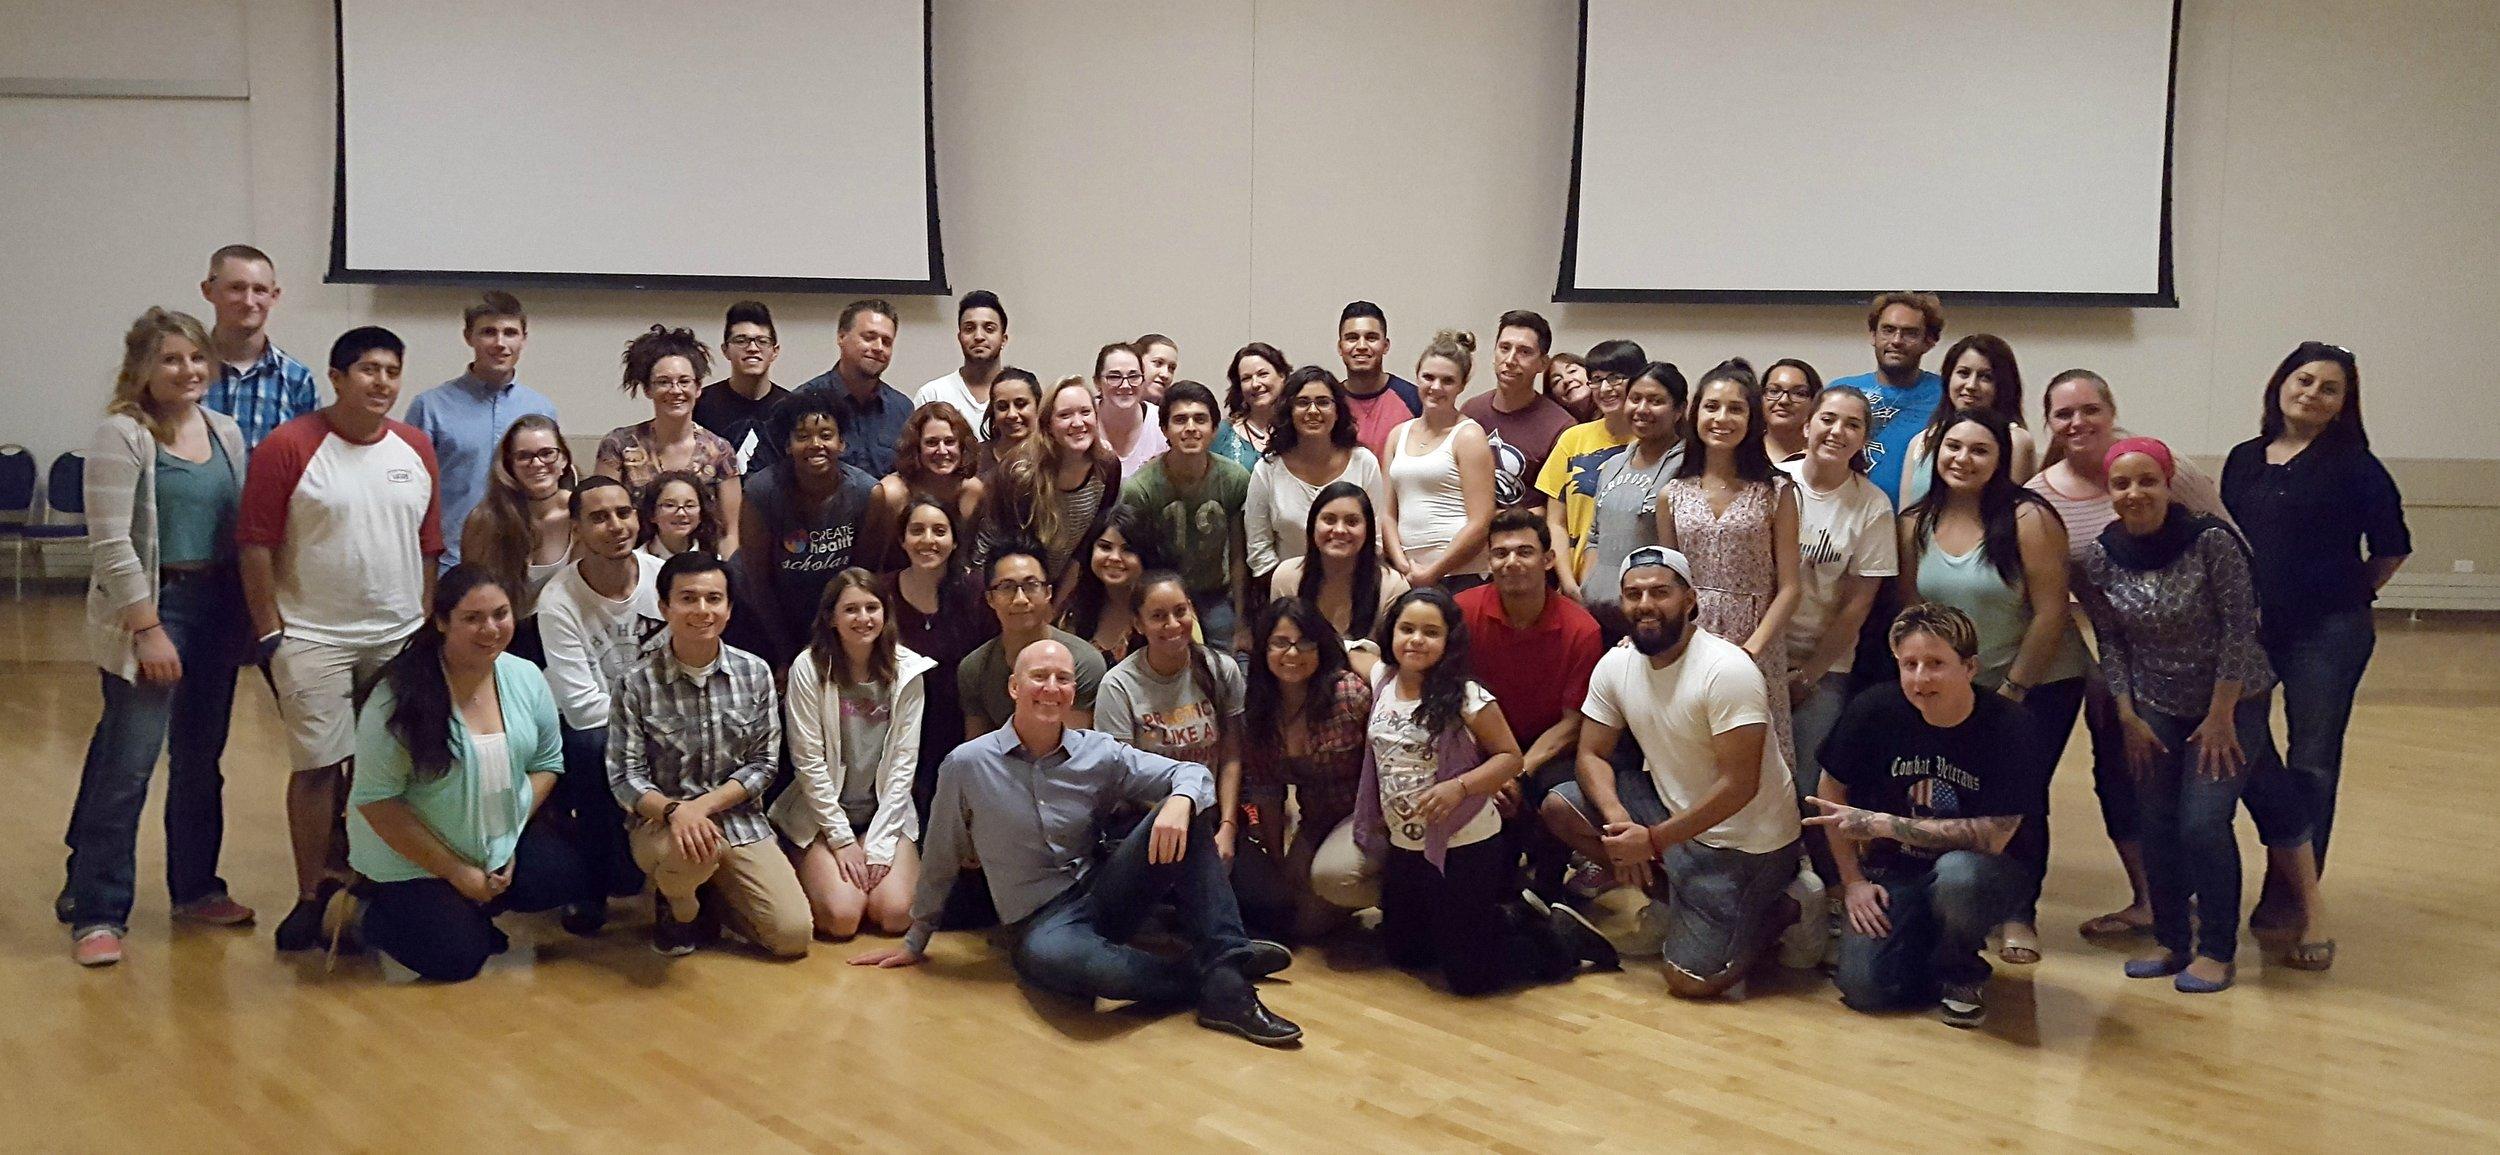 UNC University Bachata Dance Workshop